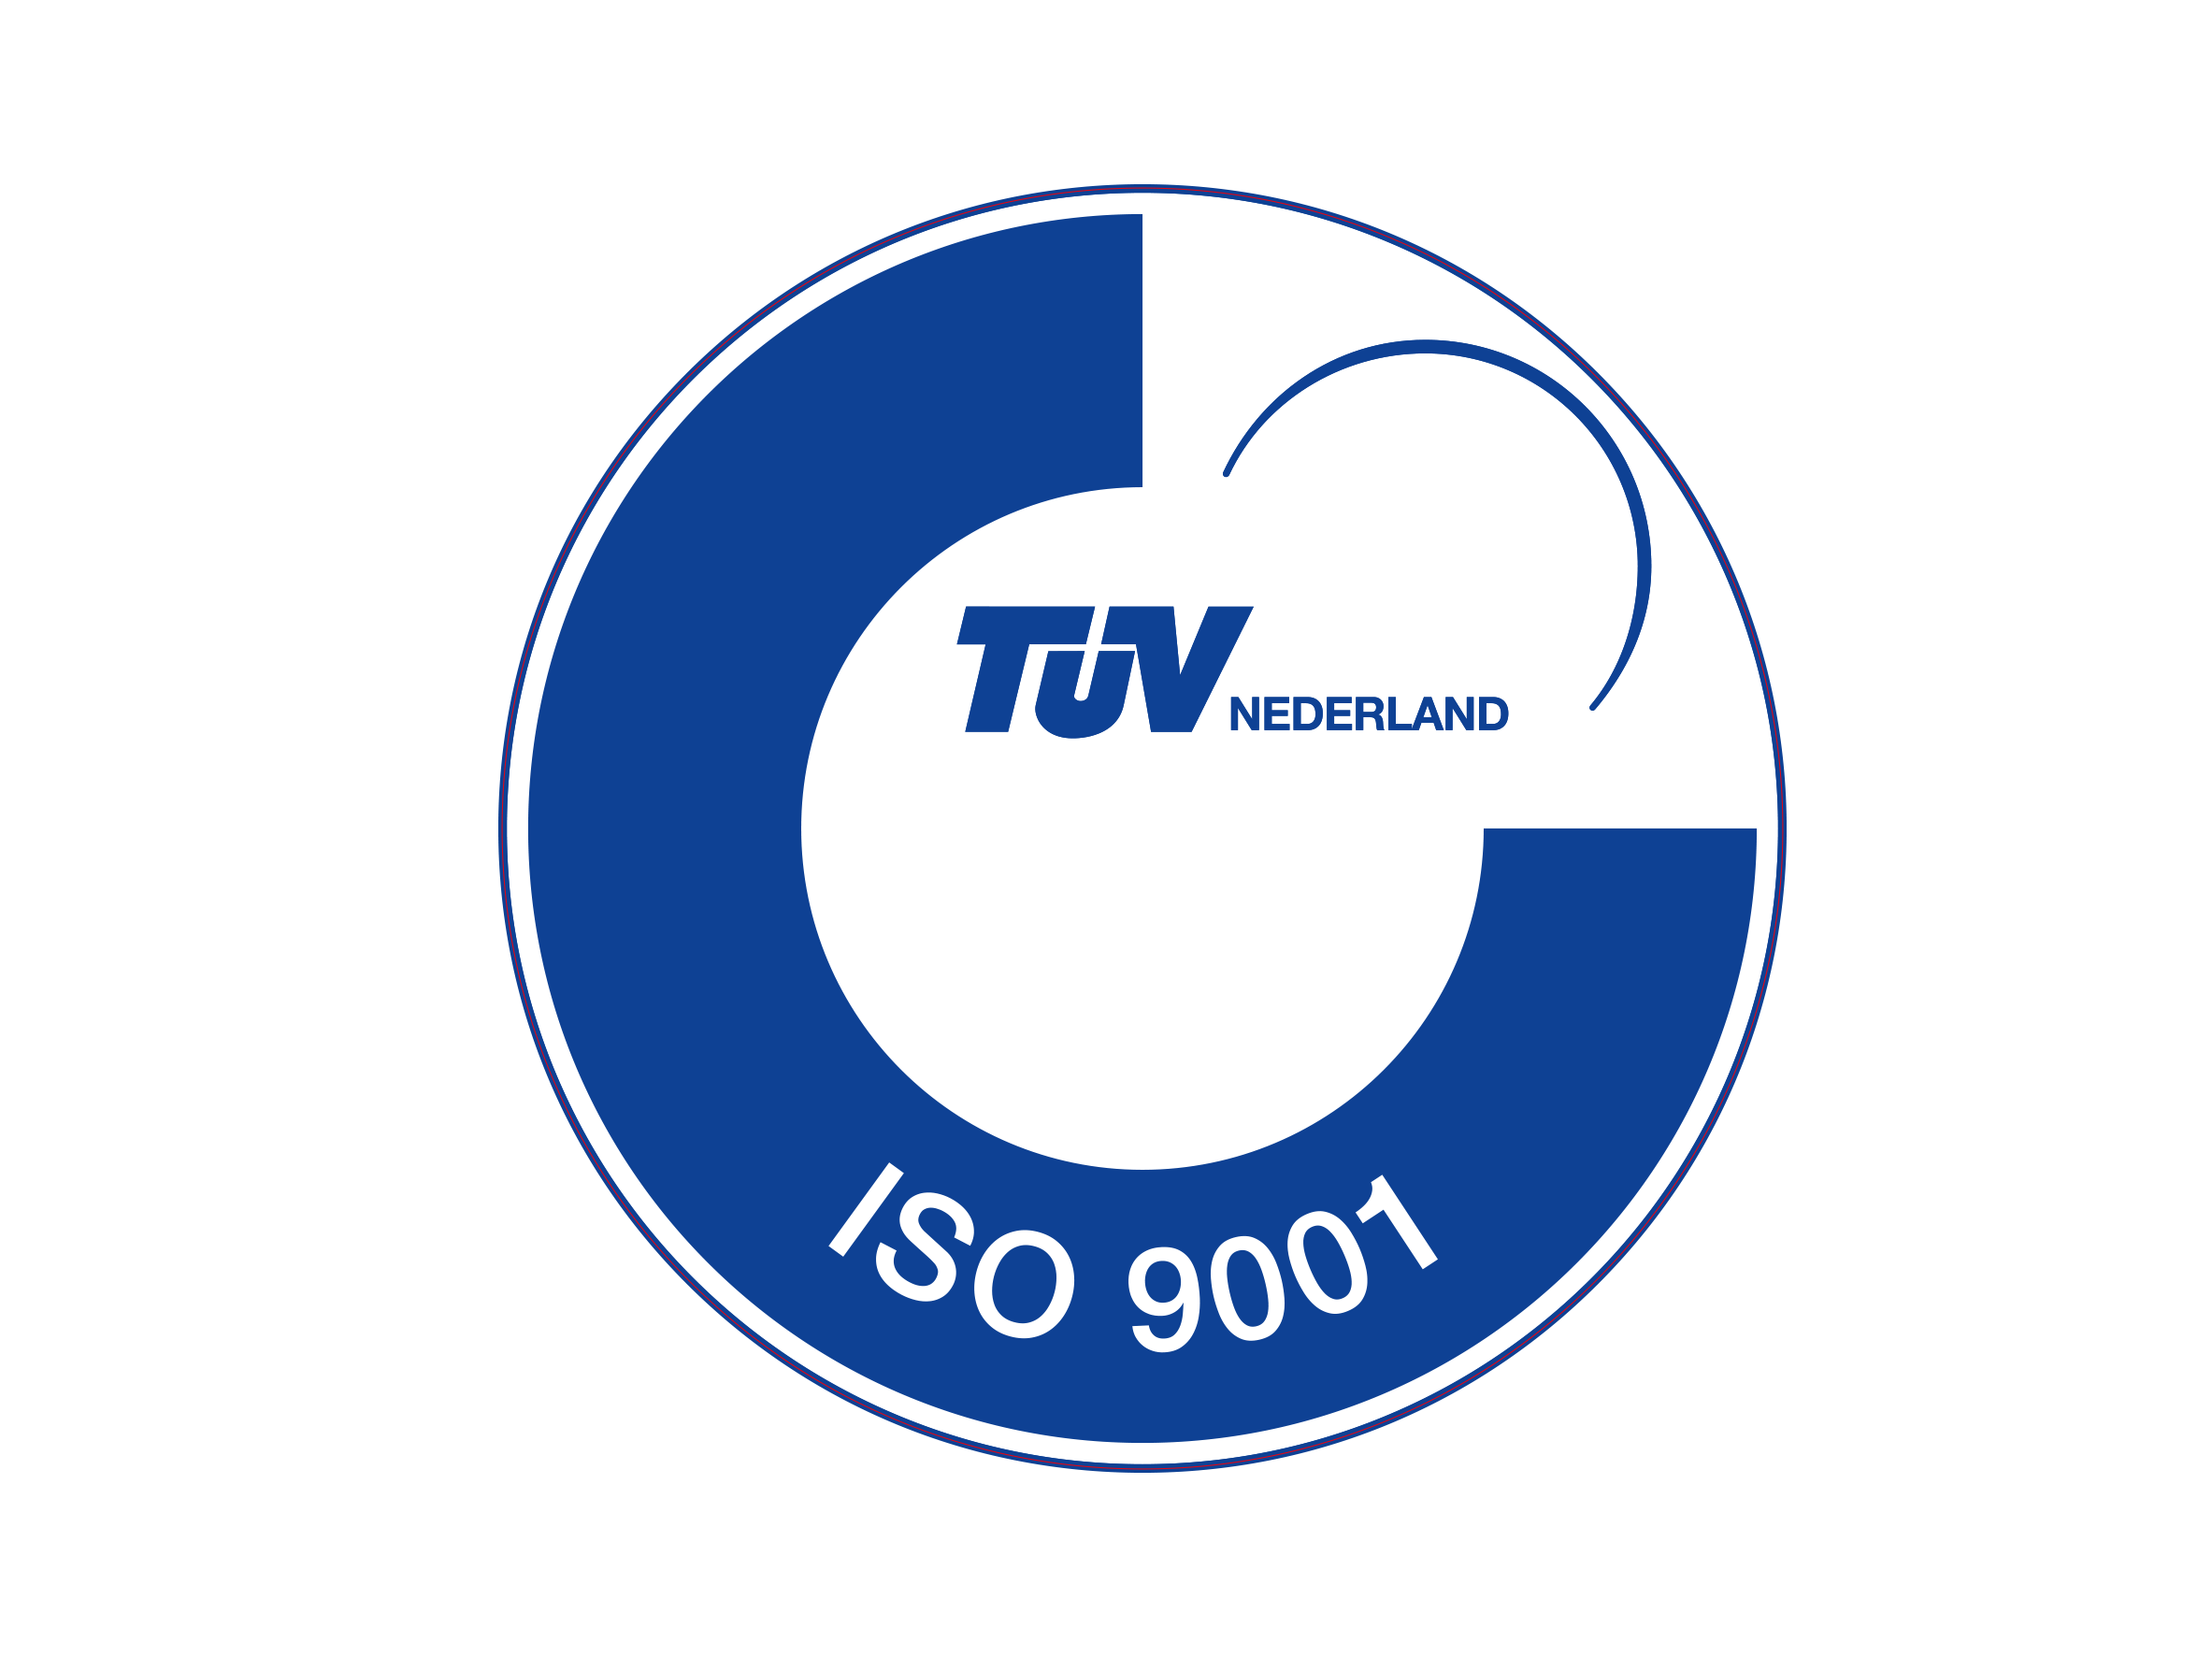 tuv-iso-9001